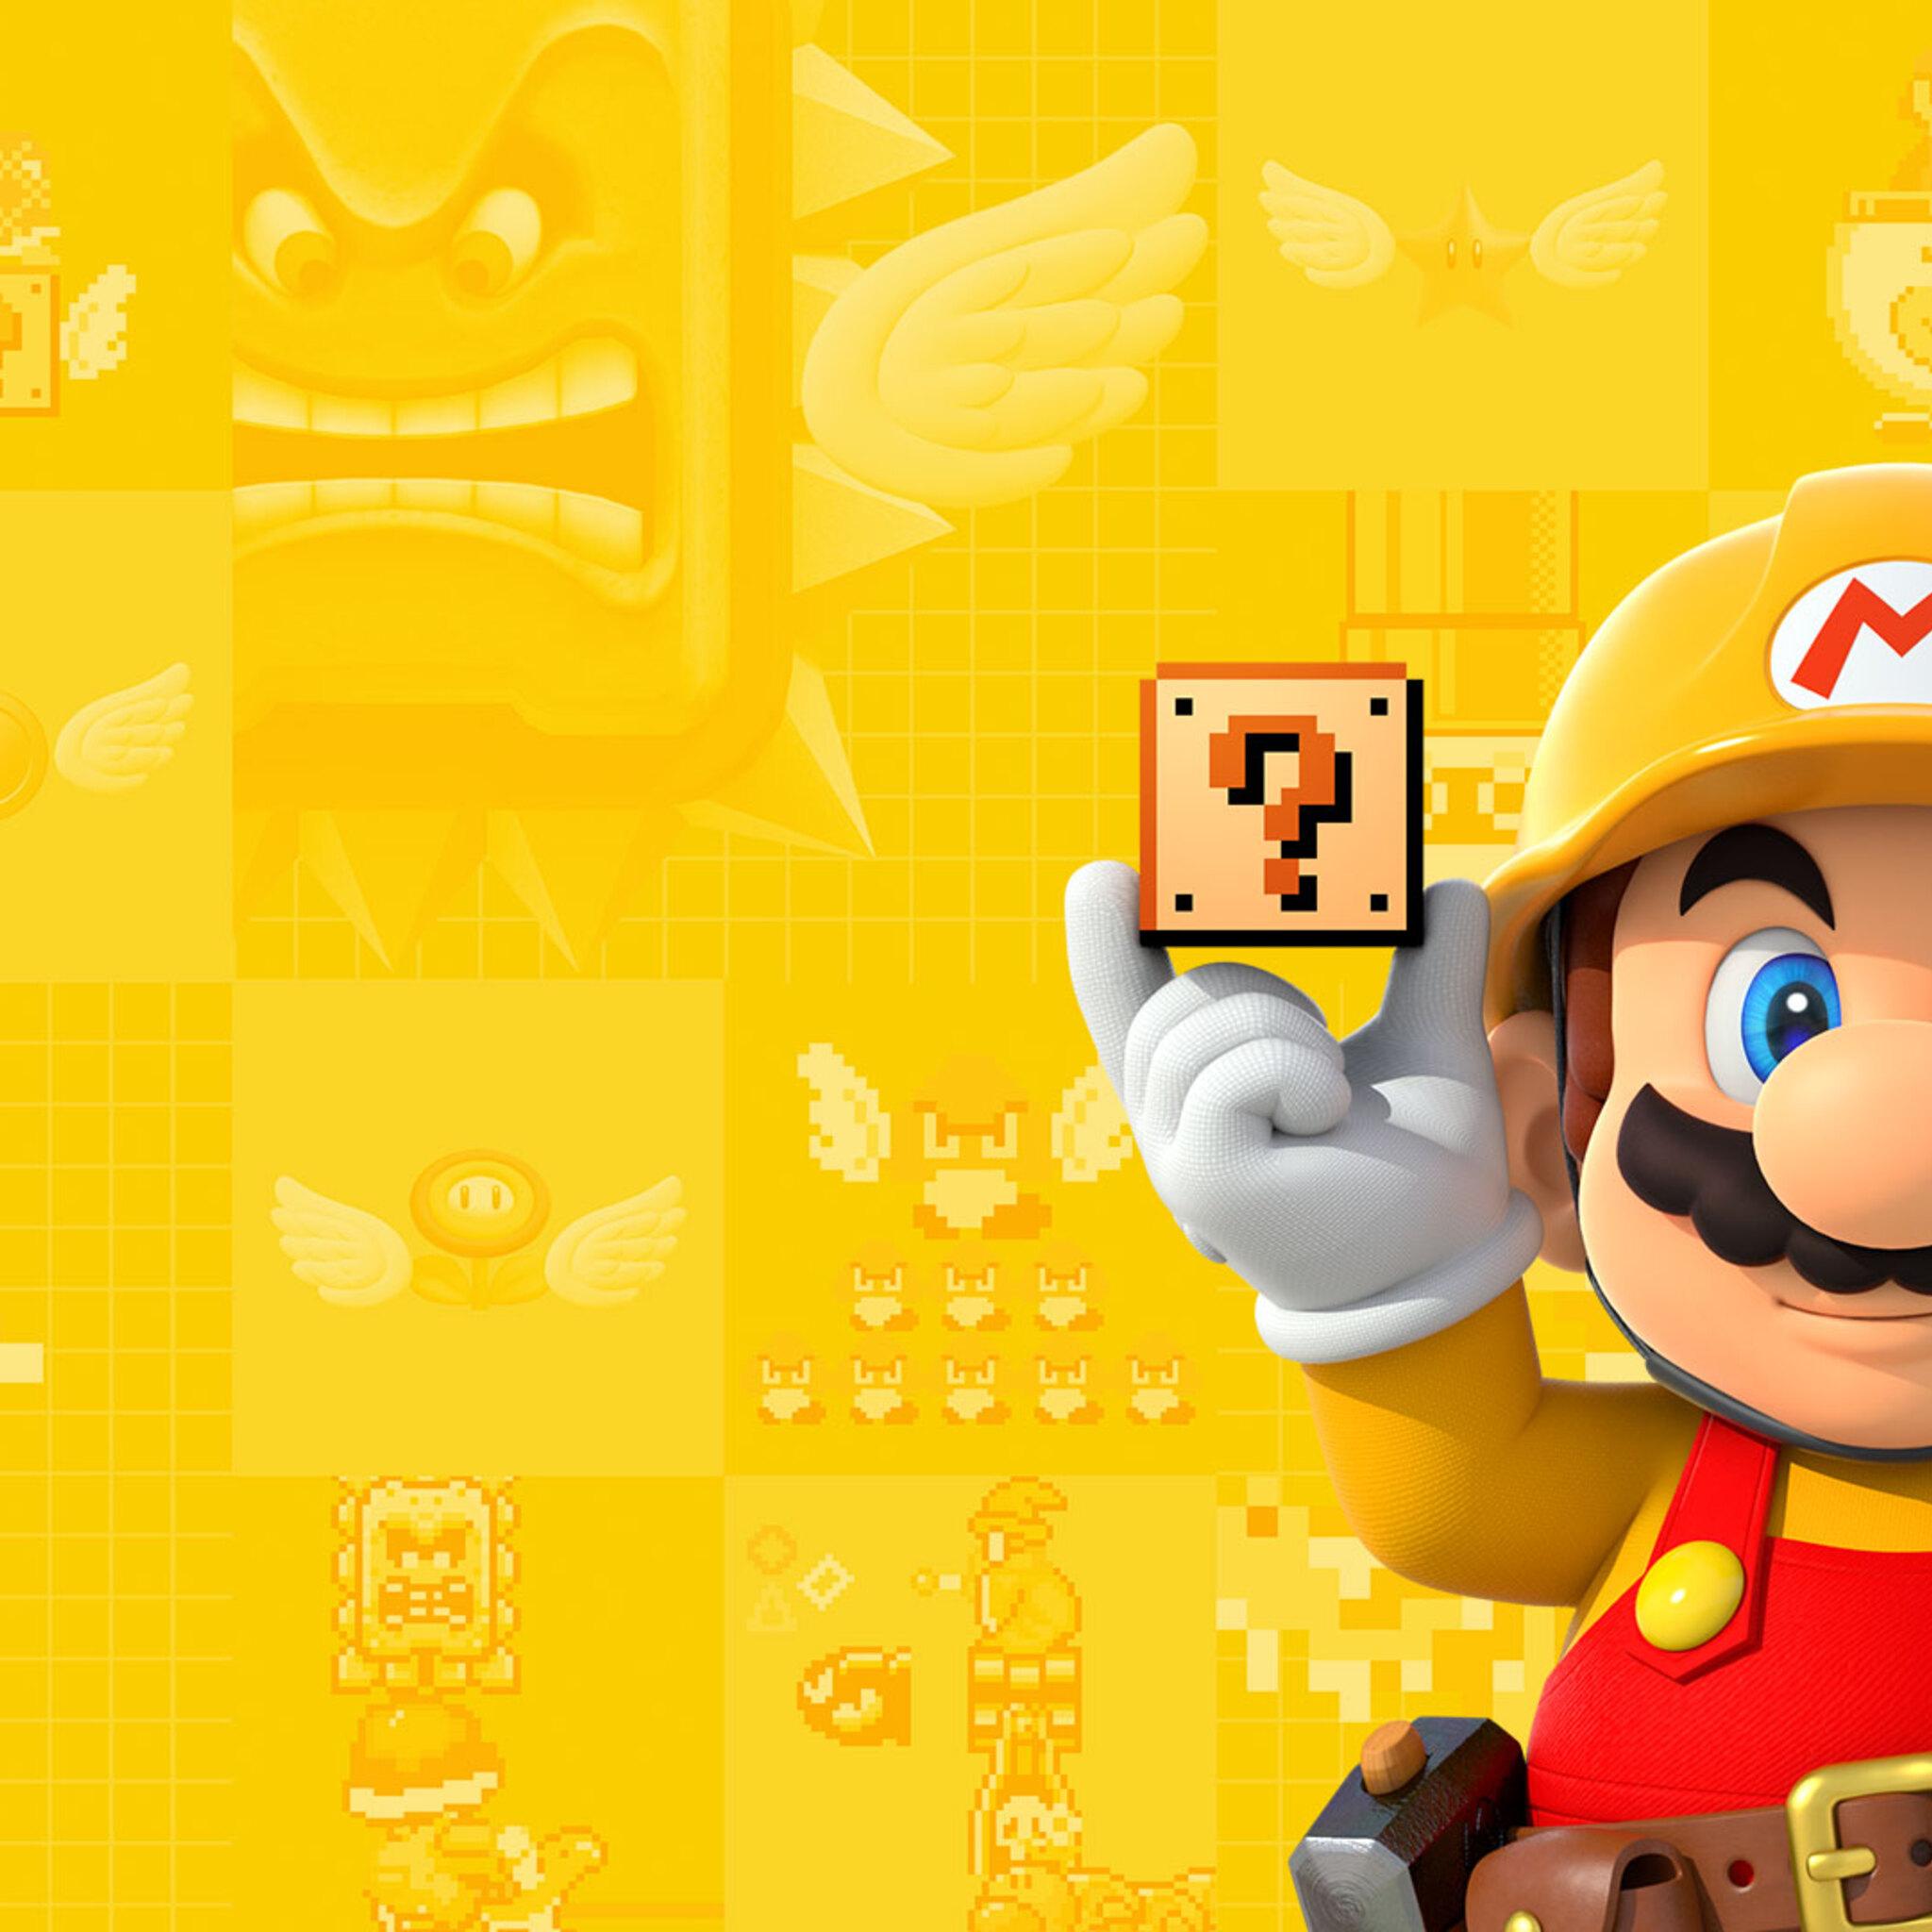 2048x2048 Super Mario Maker Ipad Air HD 4k Wallpapers